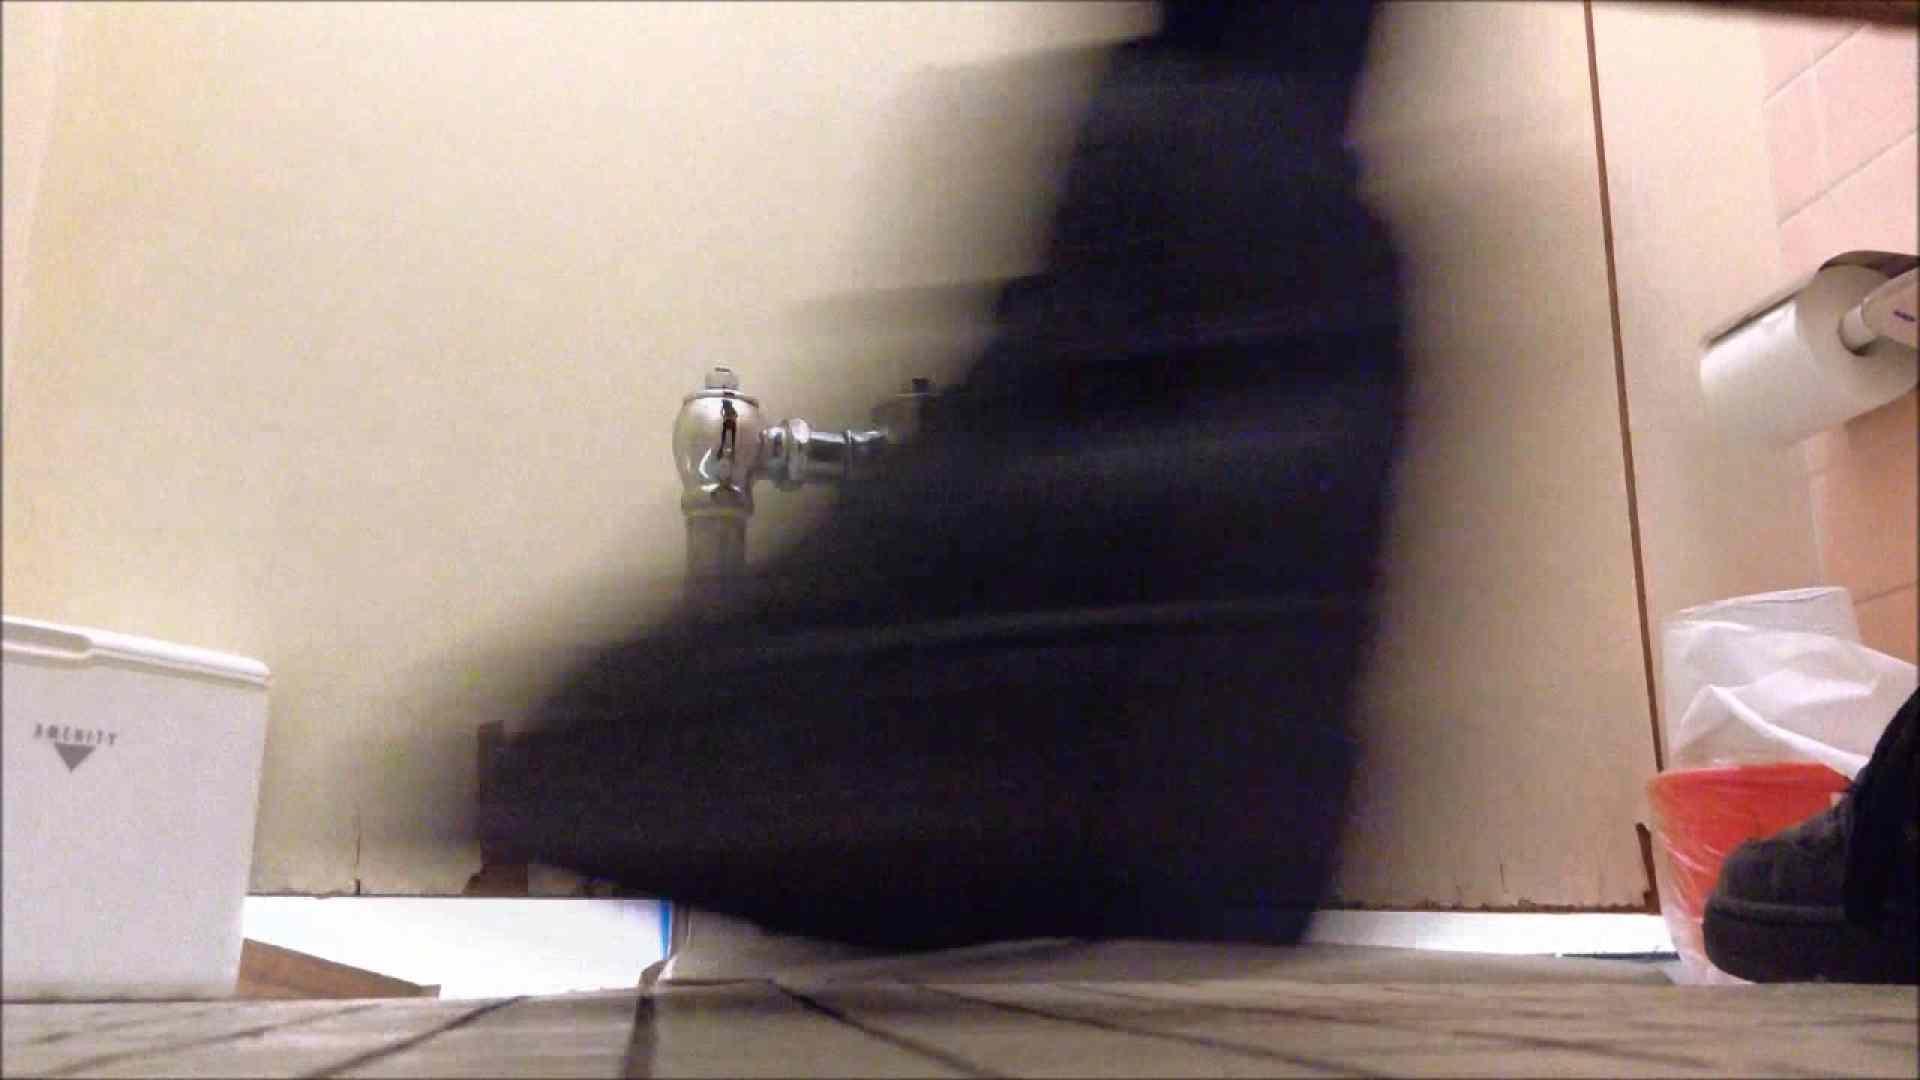 某有名大学女性洗面所 vol.13 和式 盗み撮り動画キャプチャ 105PIX 40